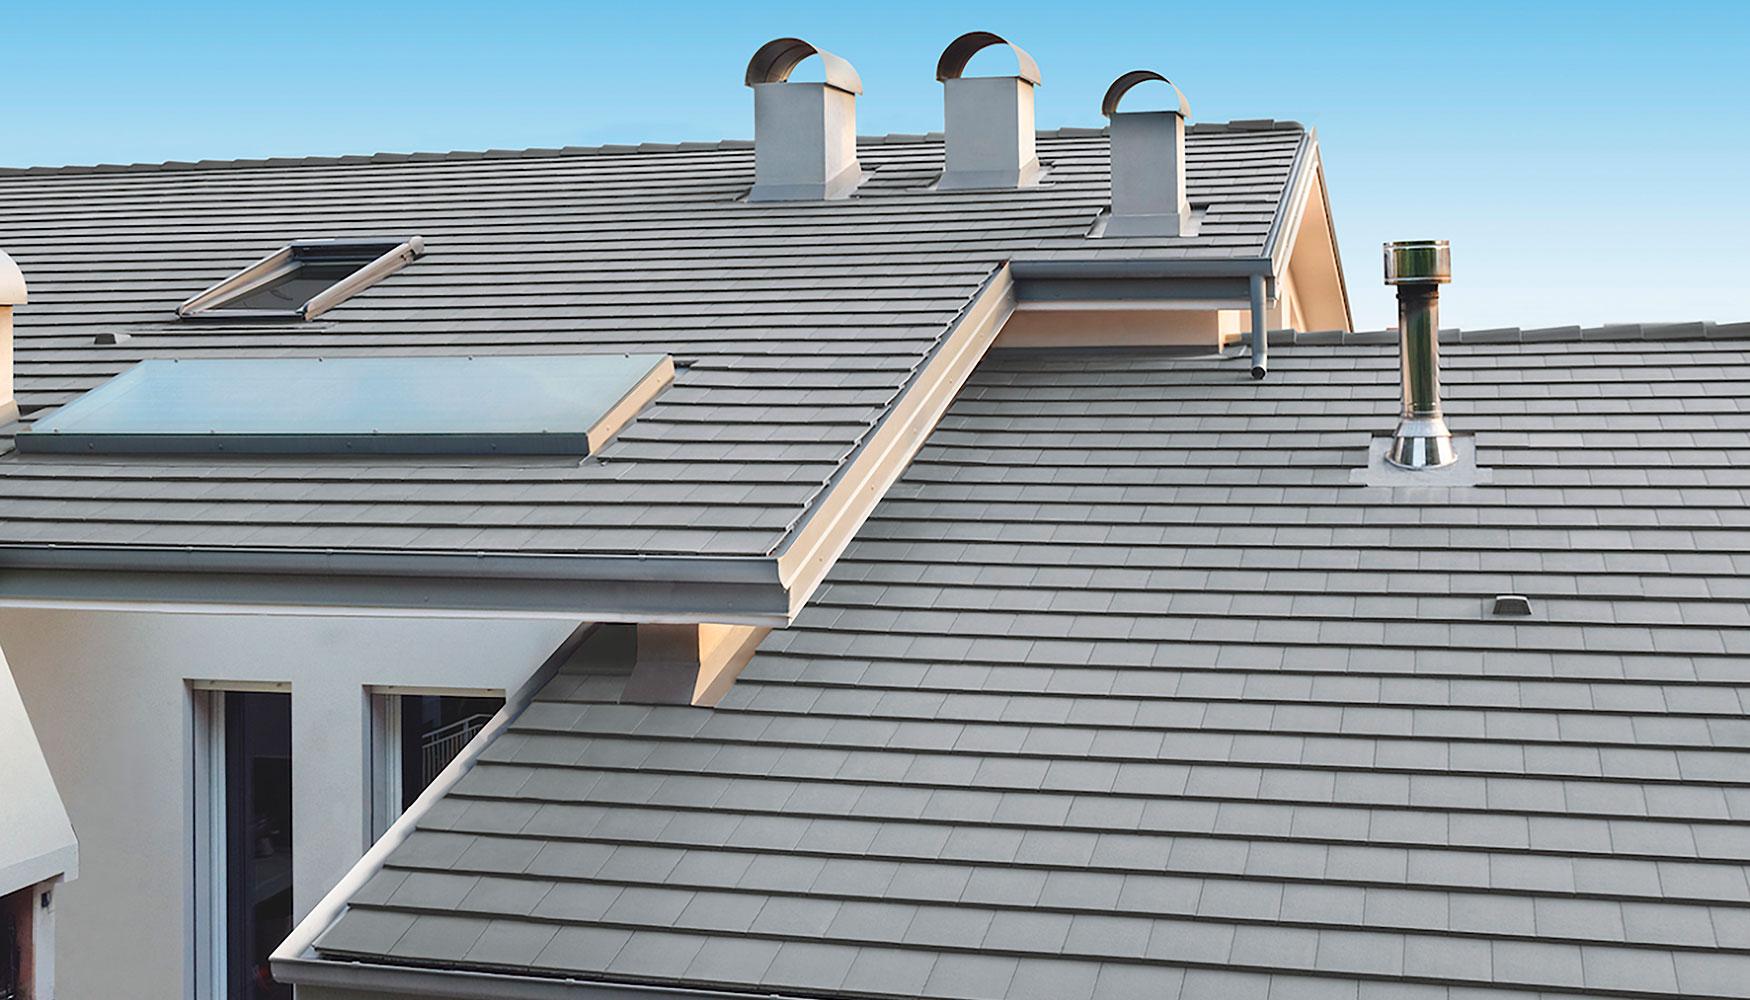 BMI presenta su nueva teja plana Innotech - Arquitectura y